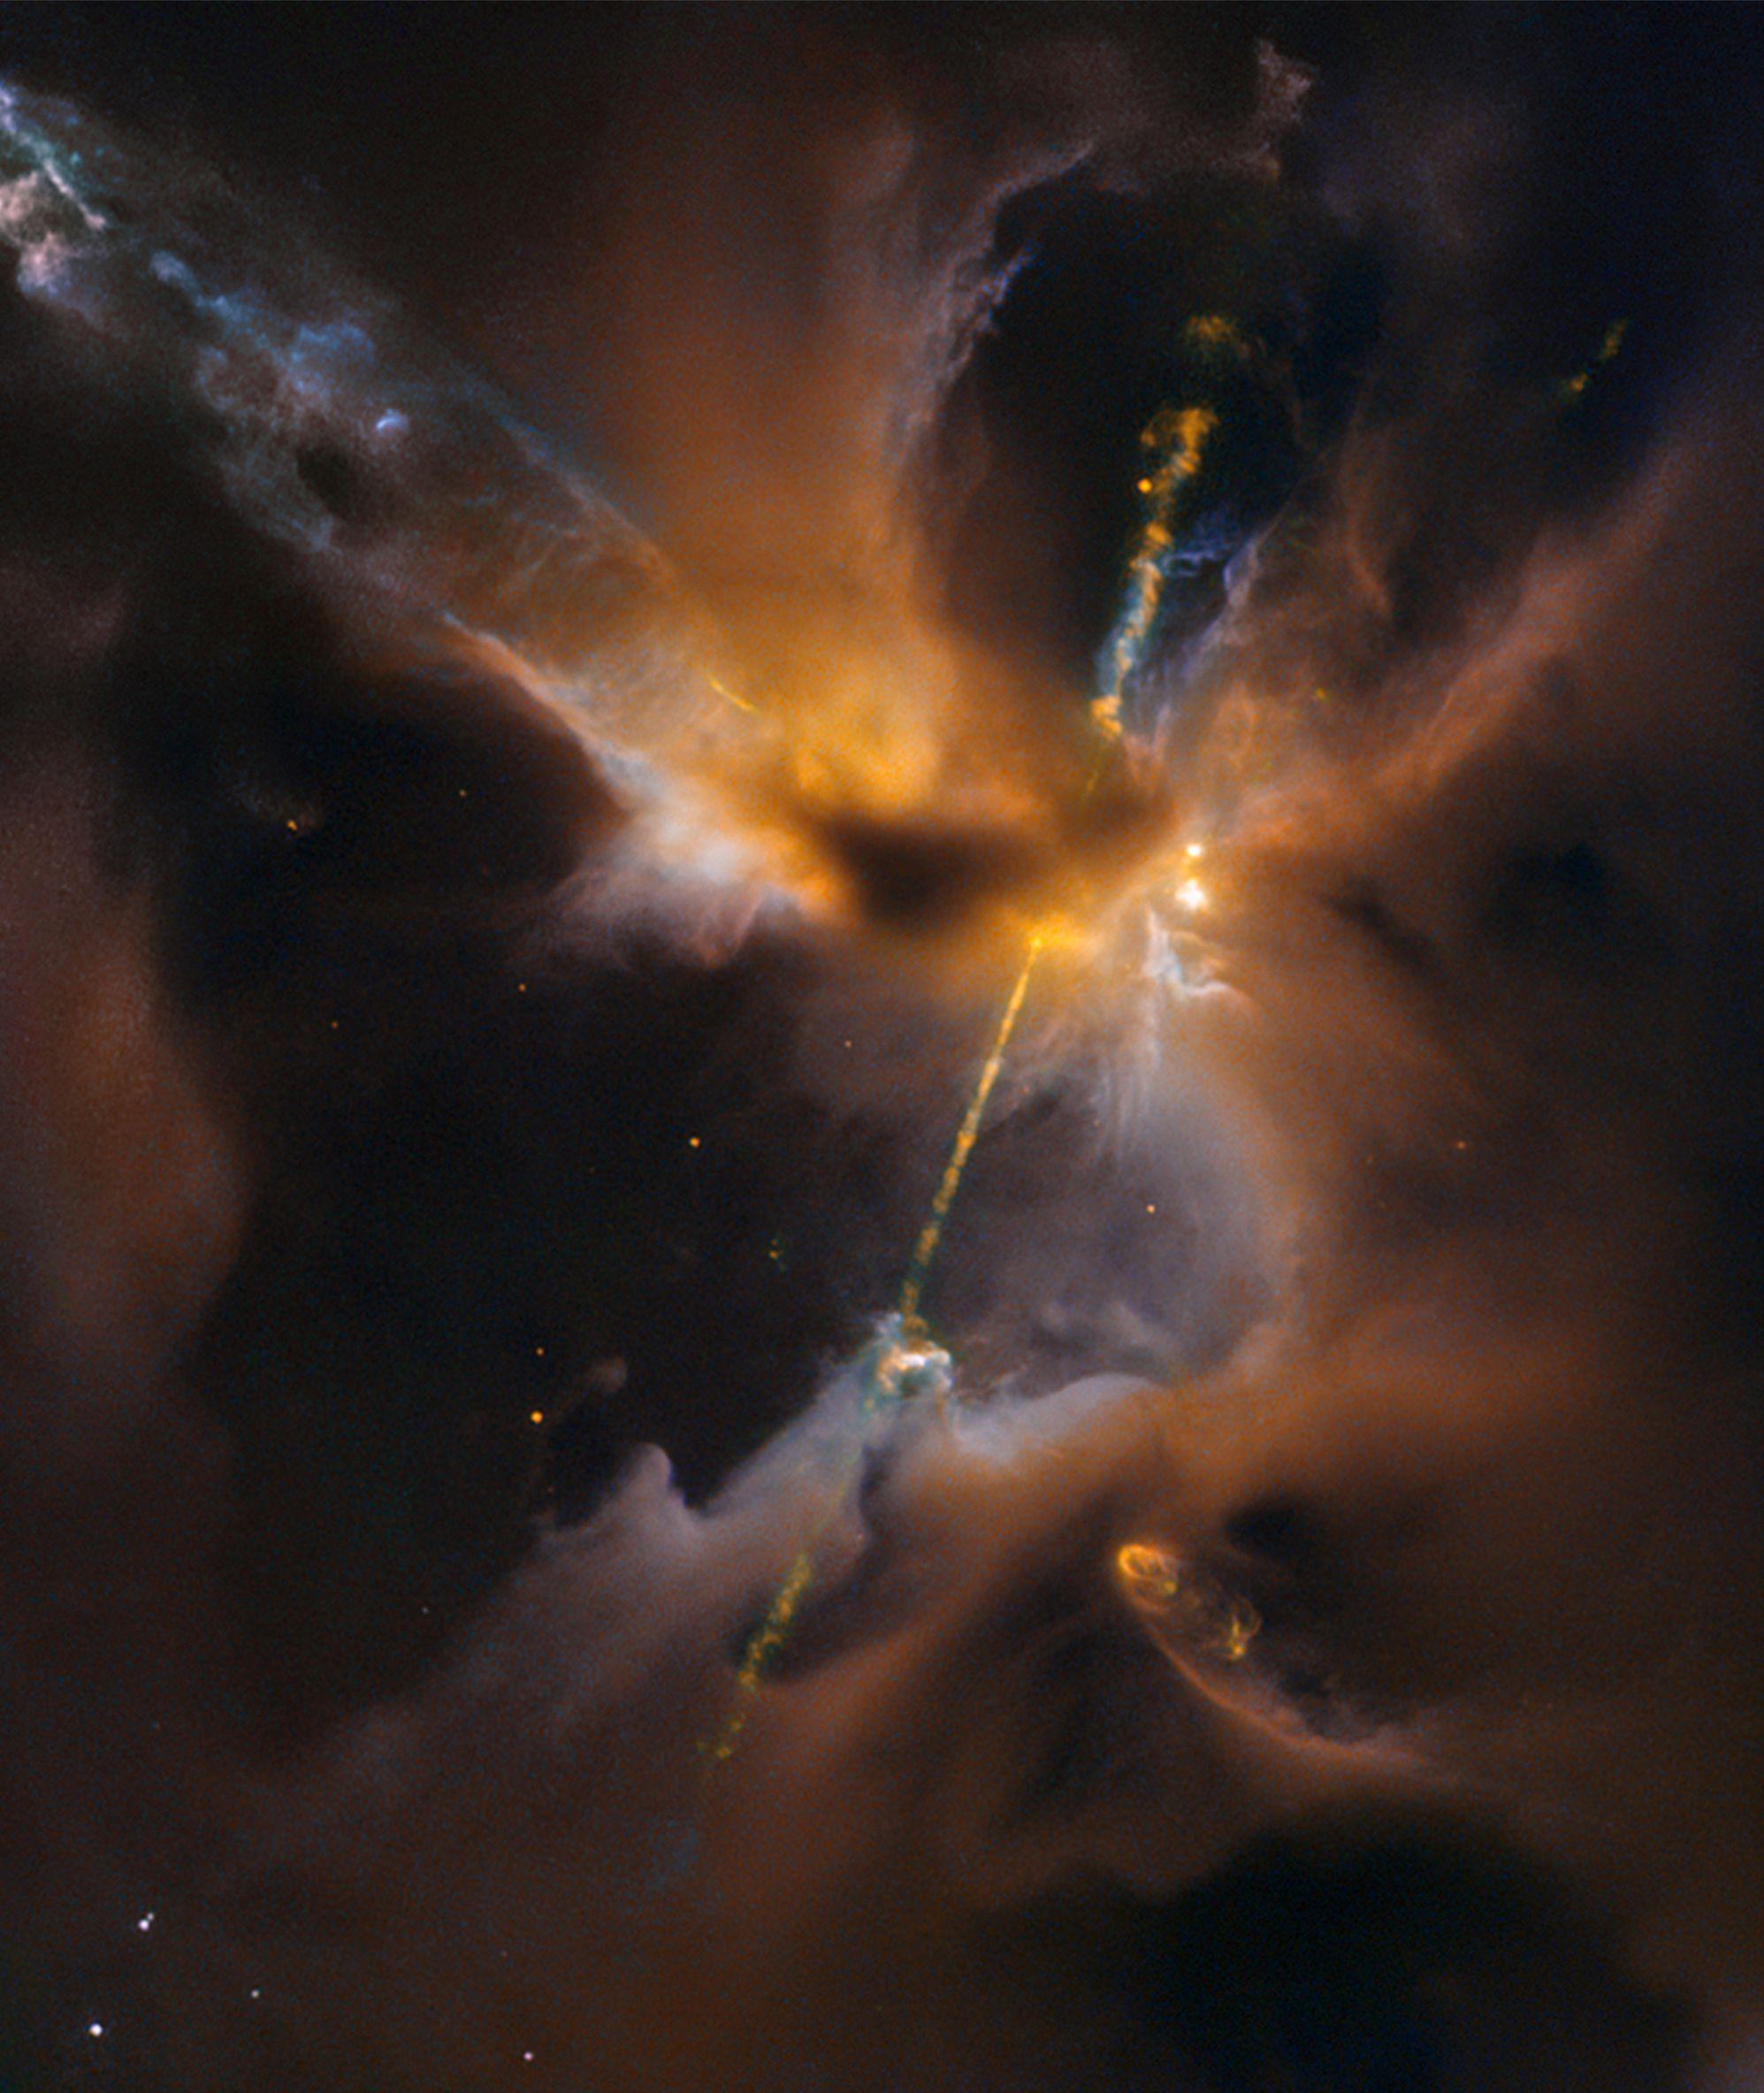 Da Star Wars allo spazio: immortalata la spada laser